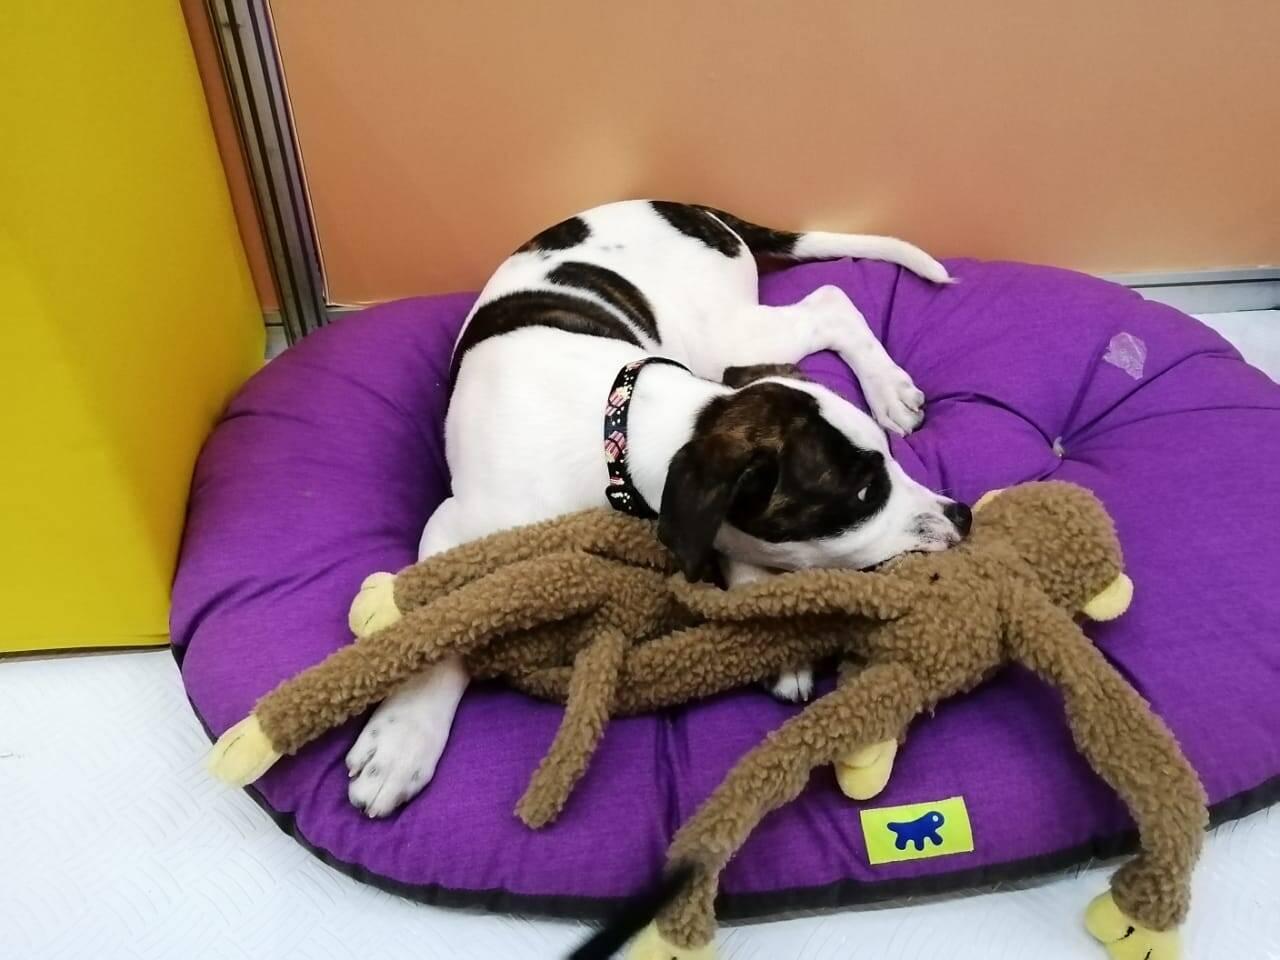 Cães disponíveis para adoção no stand da Apaa. Foto: Jade Lourenção/ Portal IG